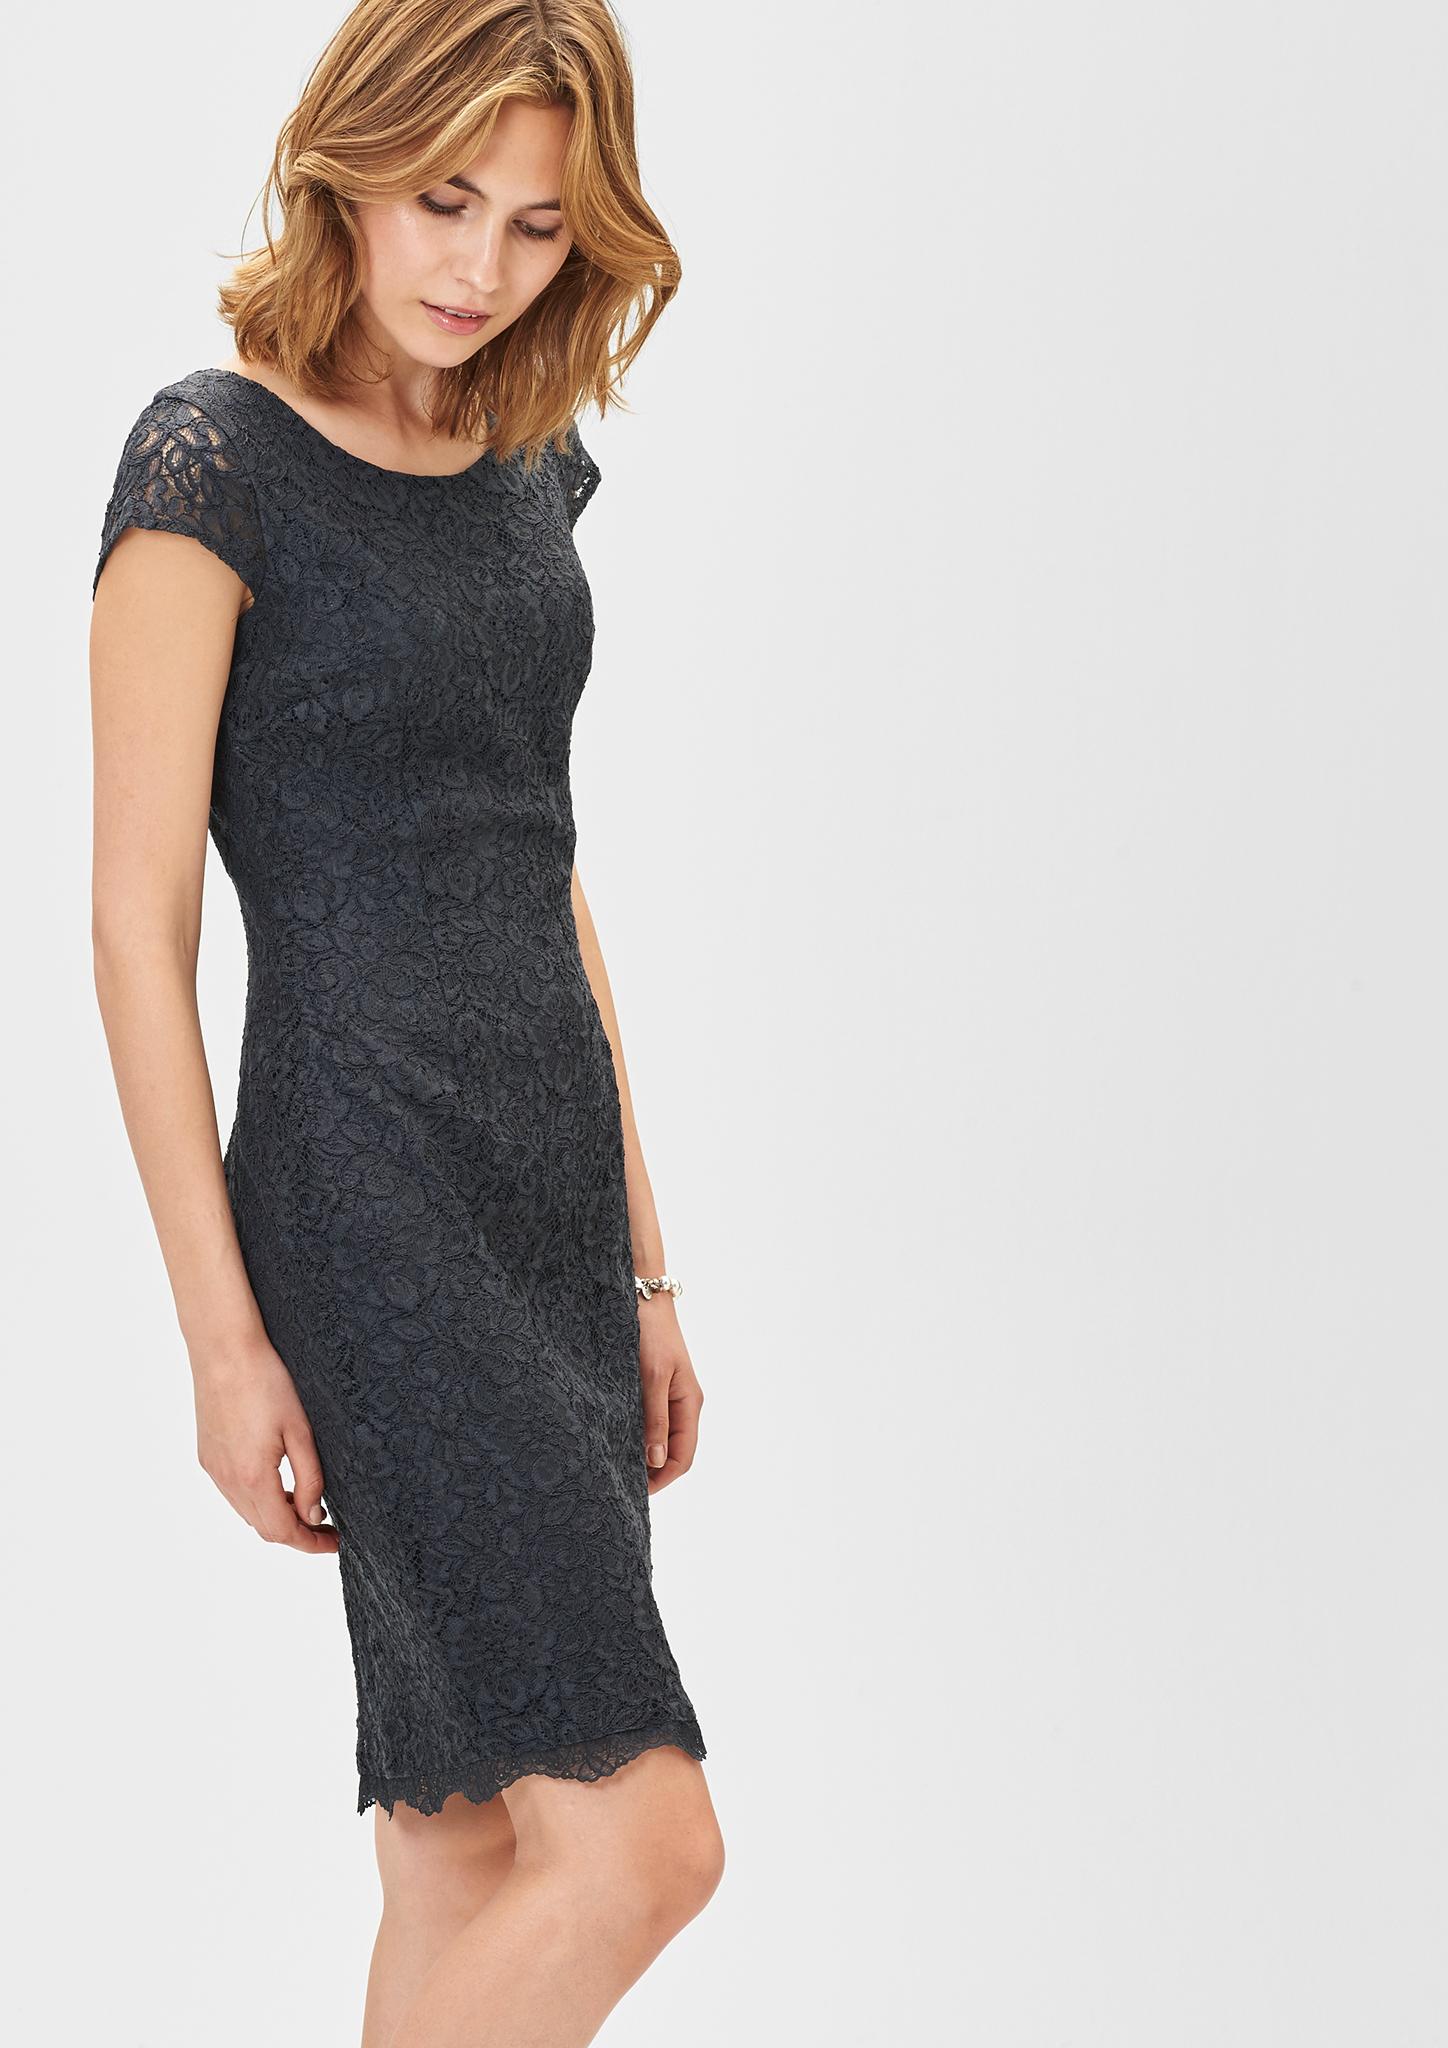 lace #soliver #fashion | etuikleid, kleider, modestil